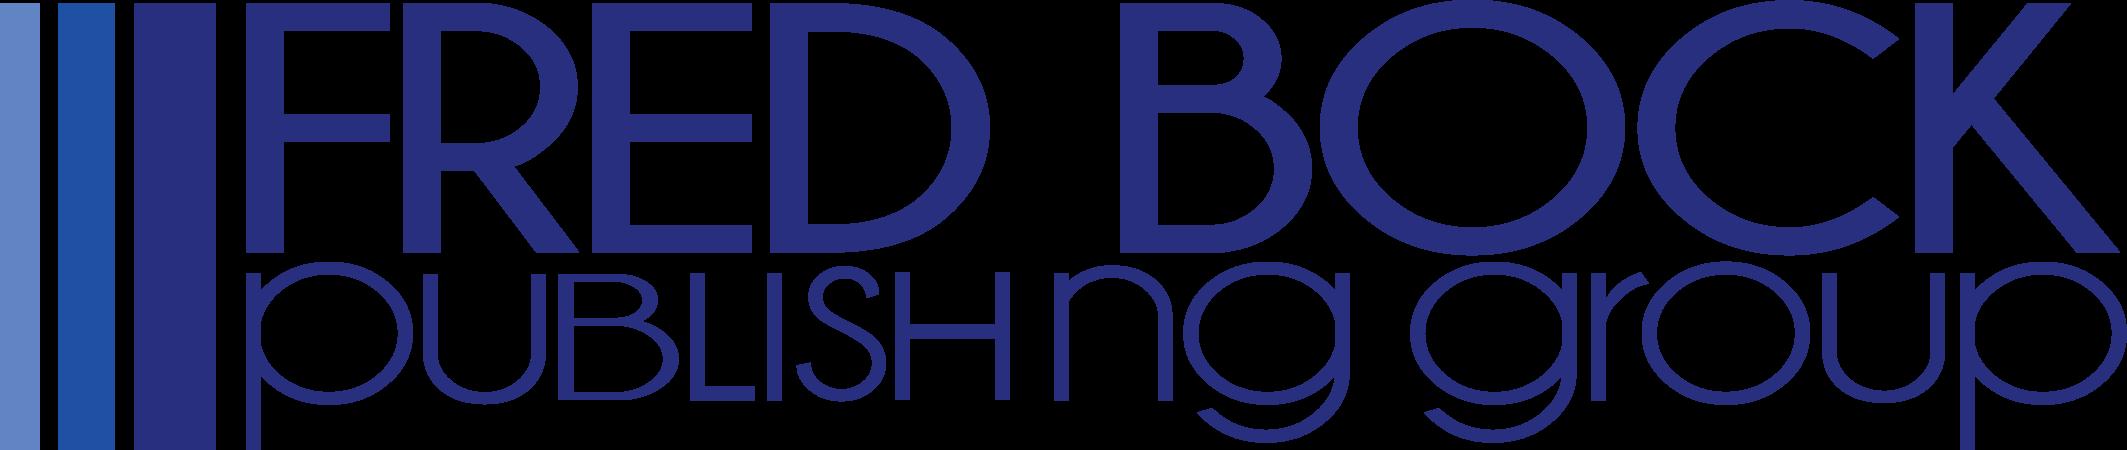 Fred Bock Publishing Group Logo